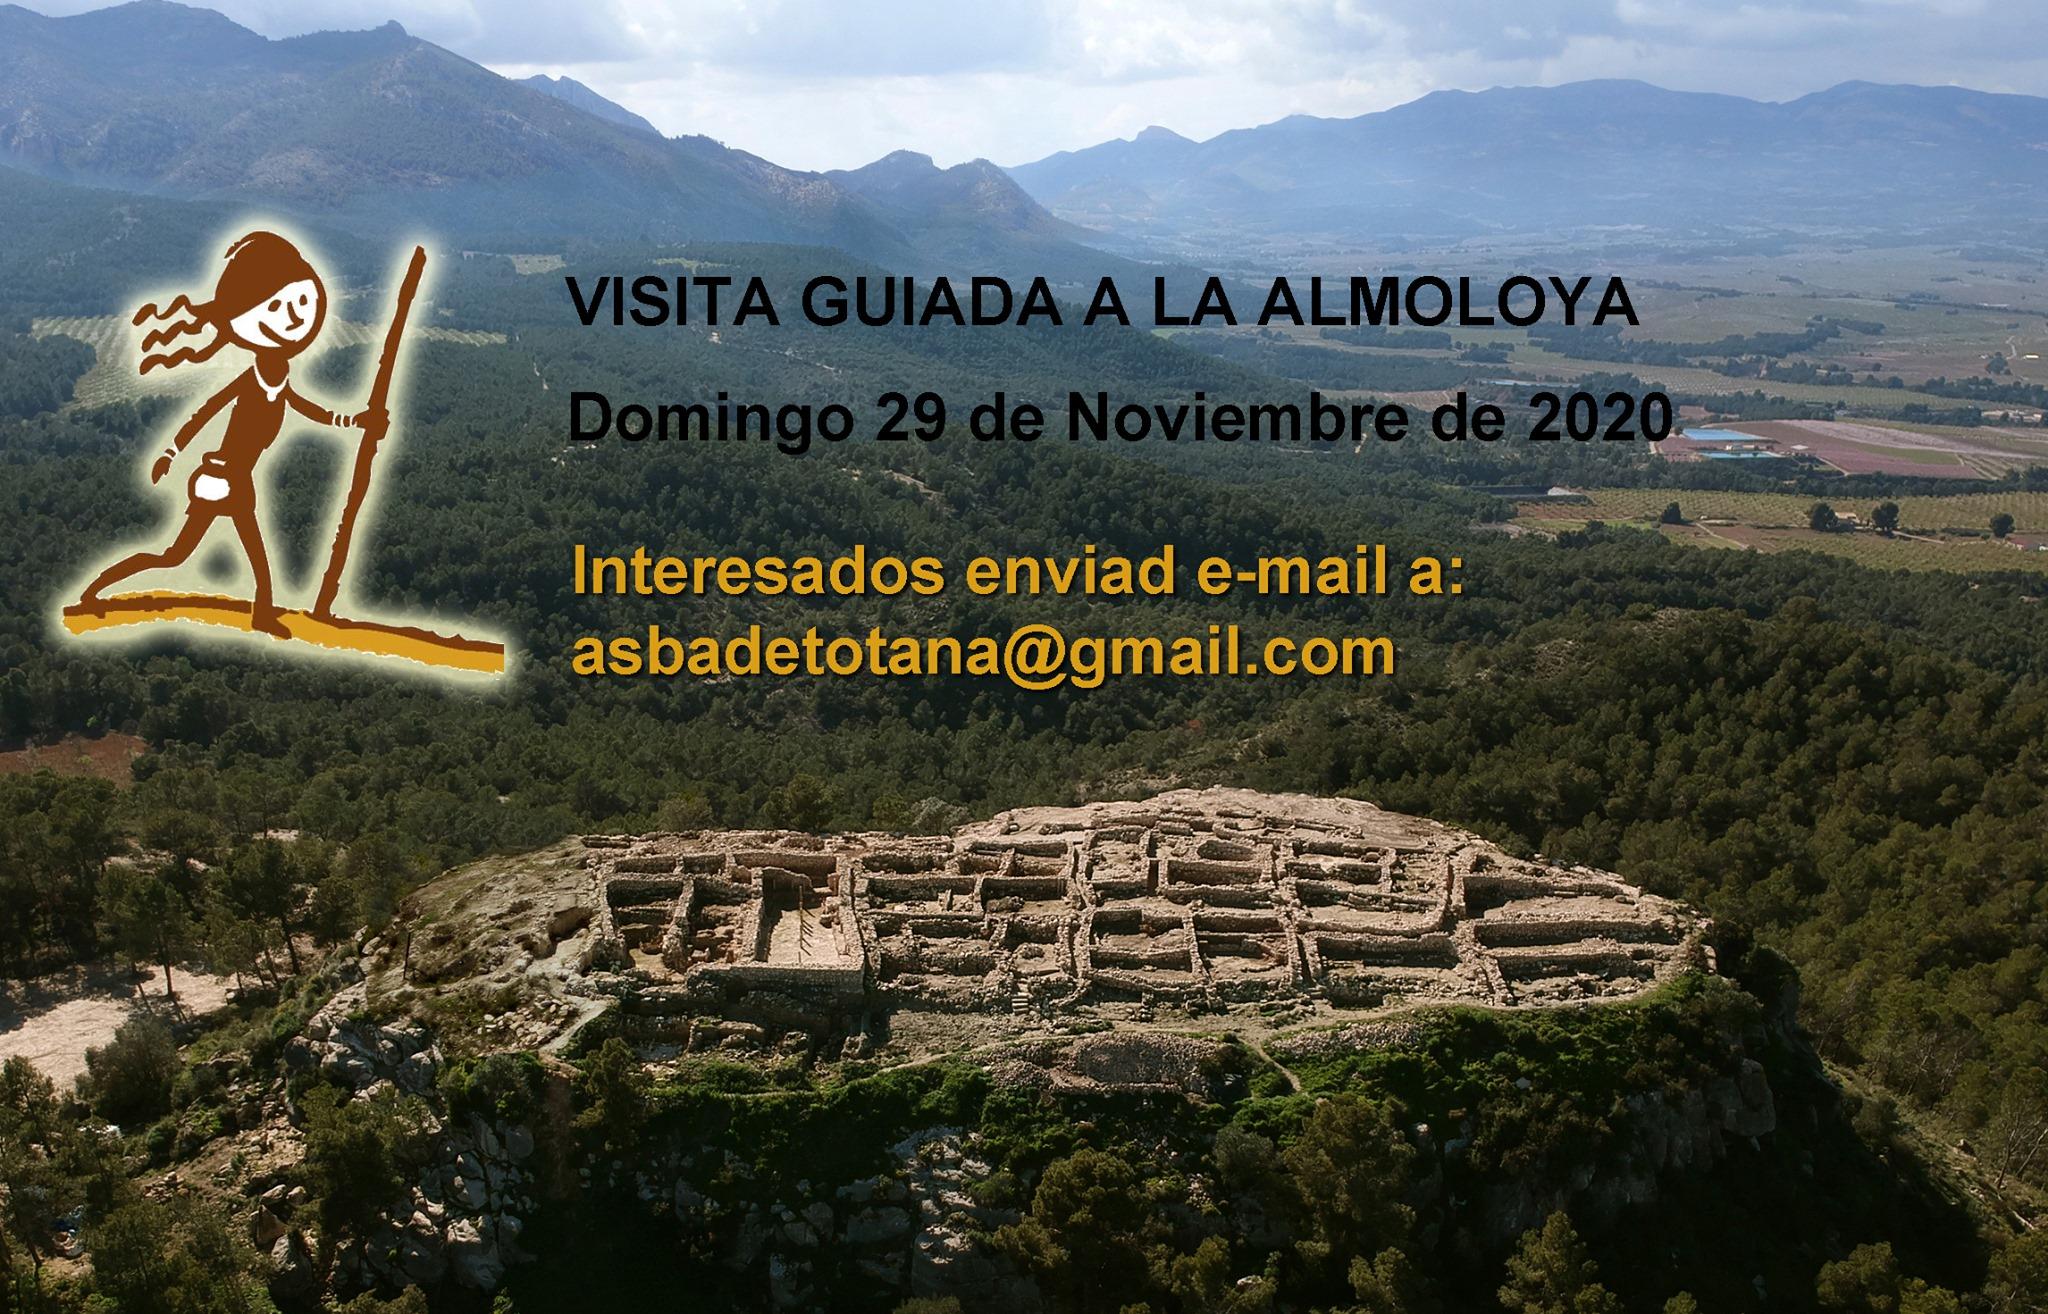 Visita guiada a La Almoloya en noviembre 2020, con ASBA